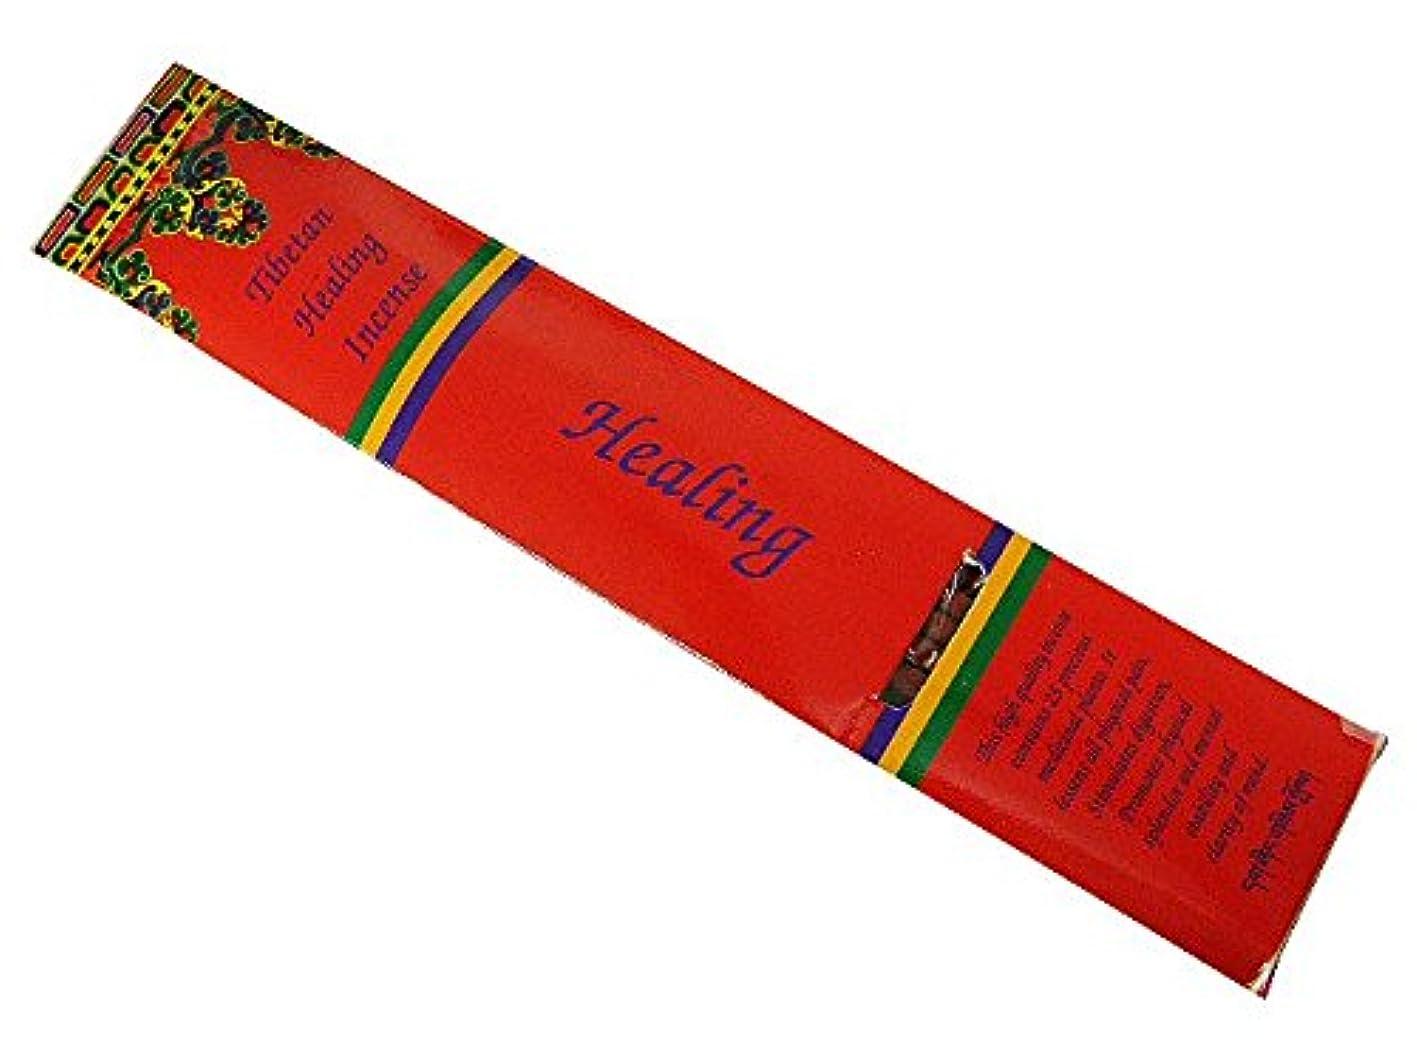 種ボーナスオーバーランカチュガキリン チベット仏教尼寺院コパンアニゴンパ「カチュガキリン」のお香【FLAT HEALING】